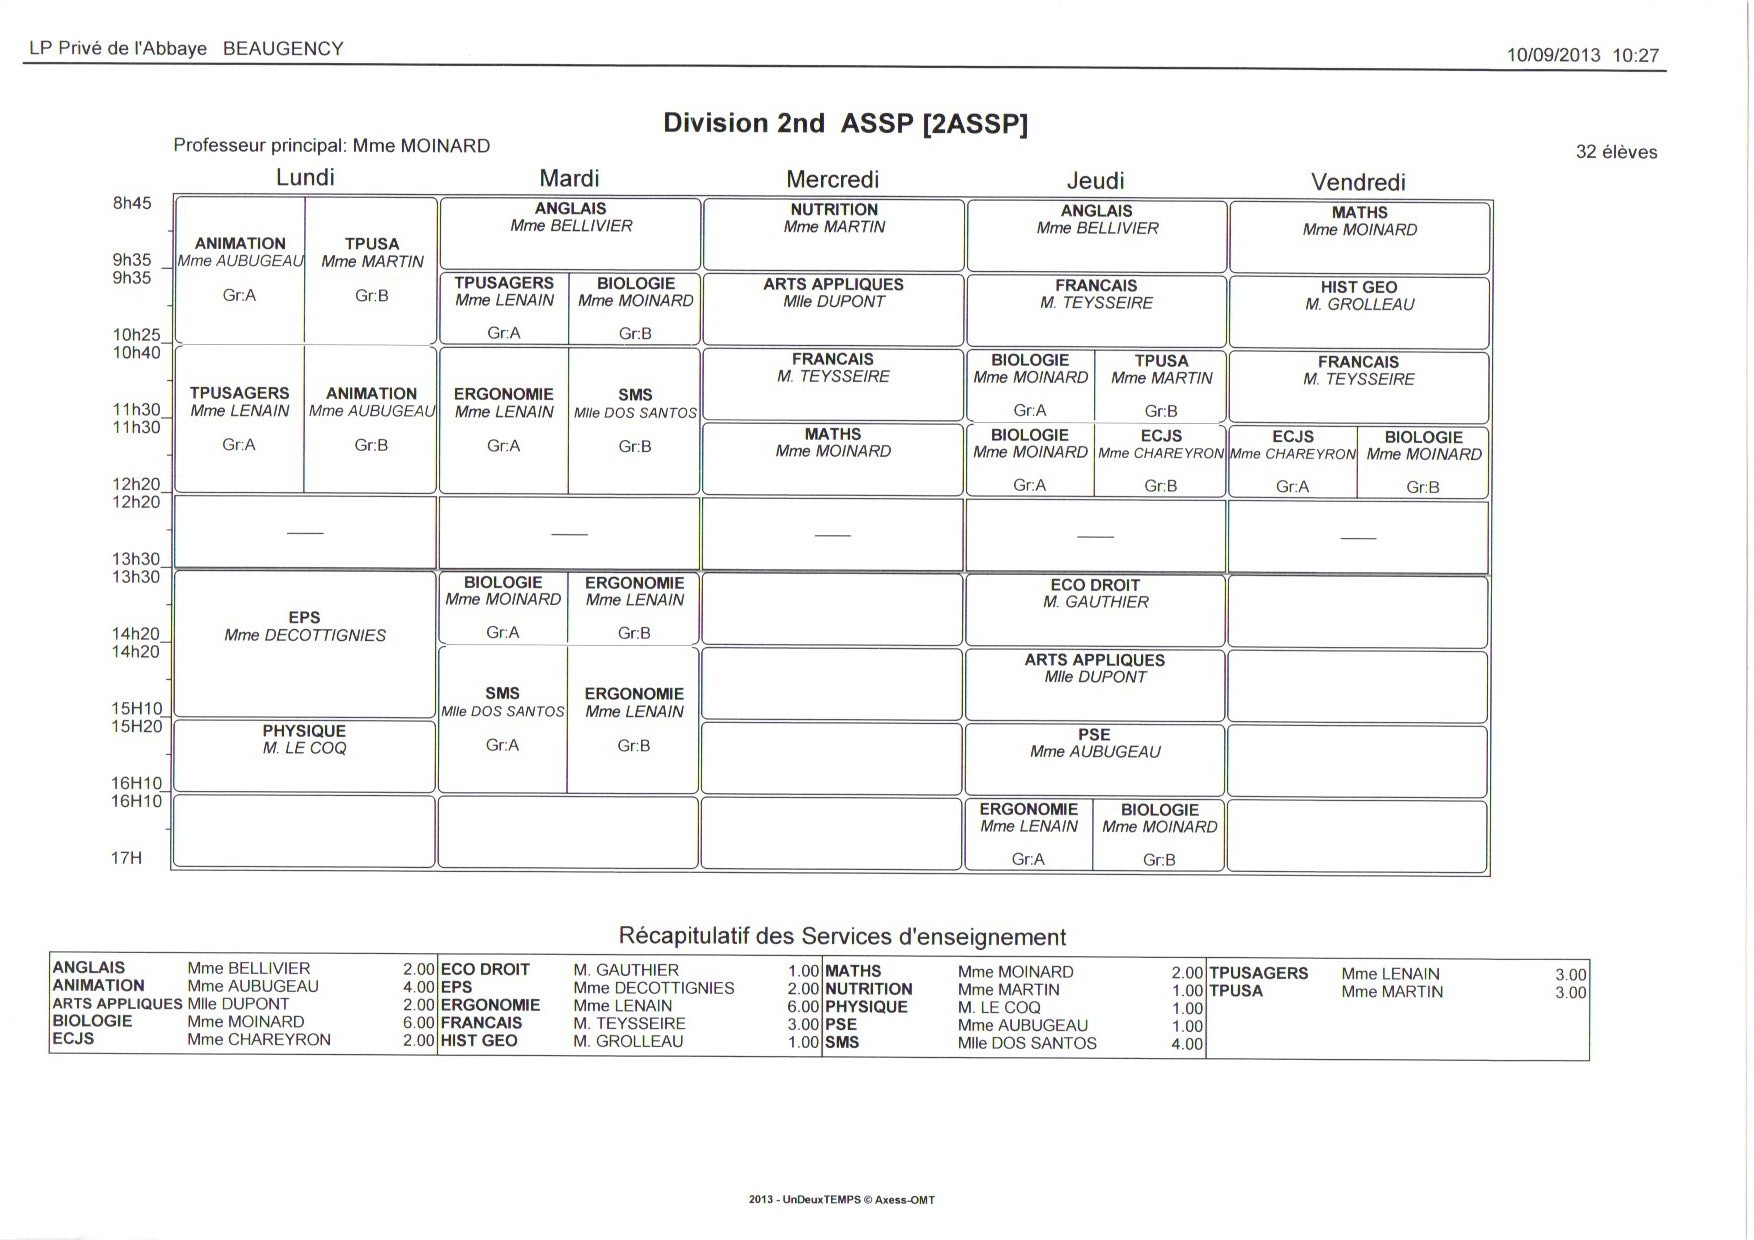 EDT - 2nde ASSP